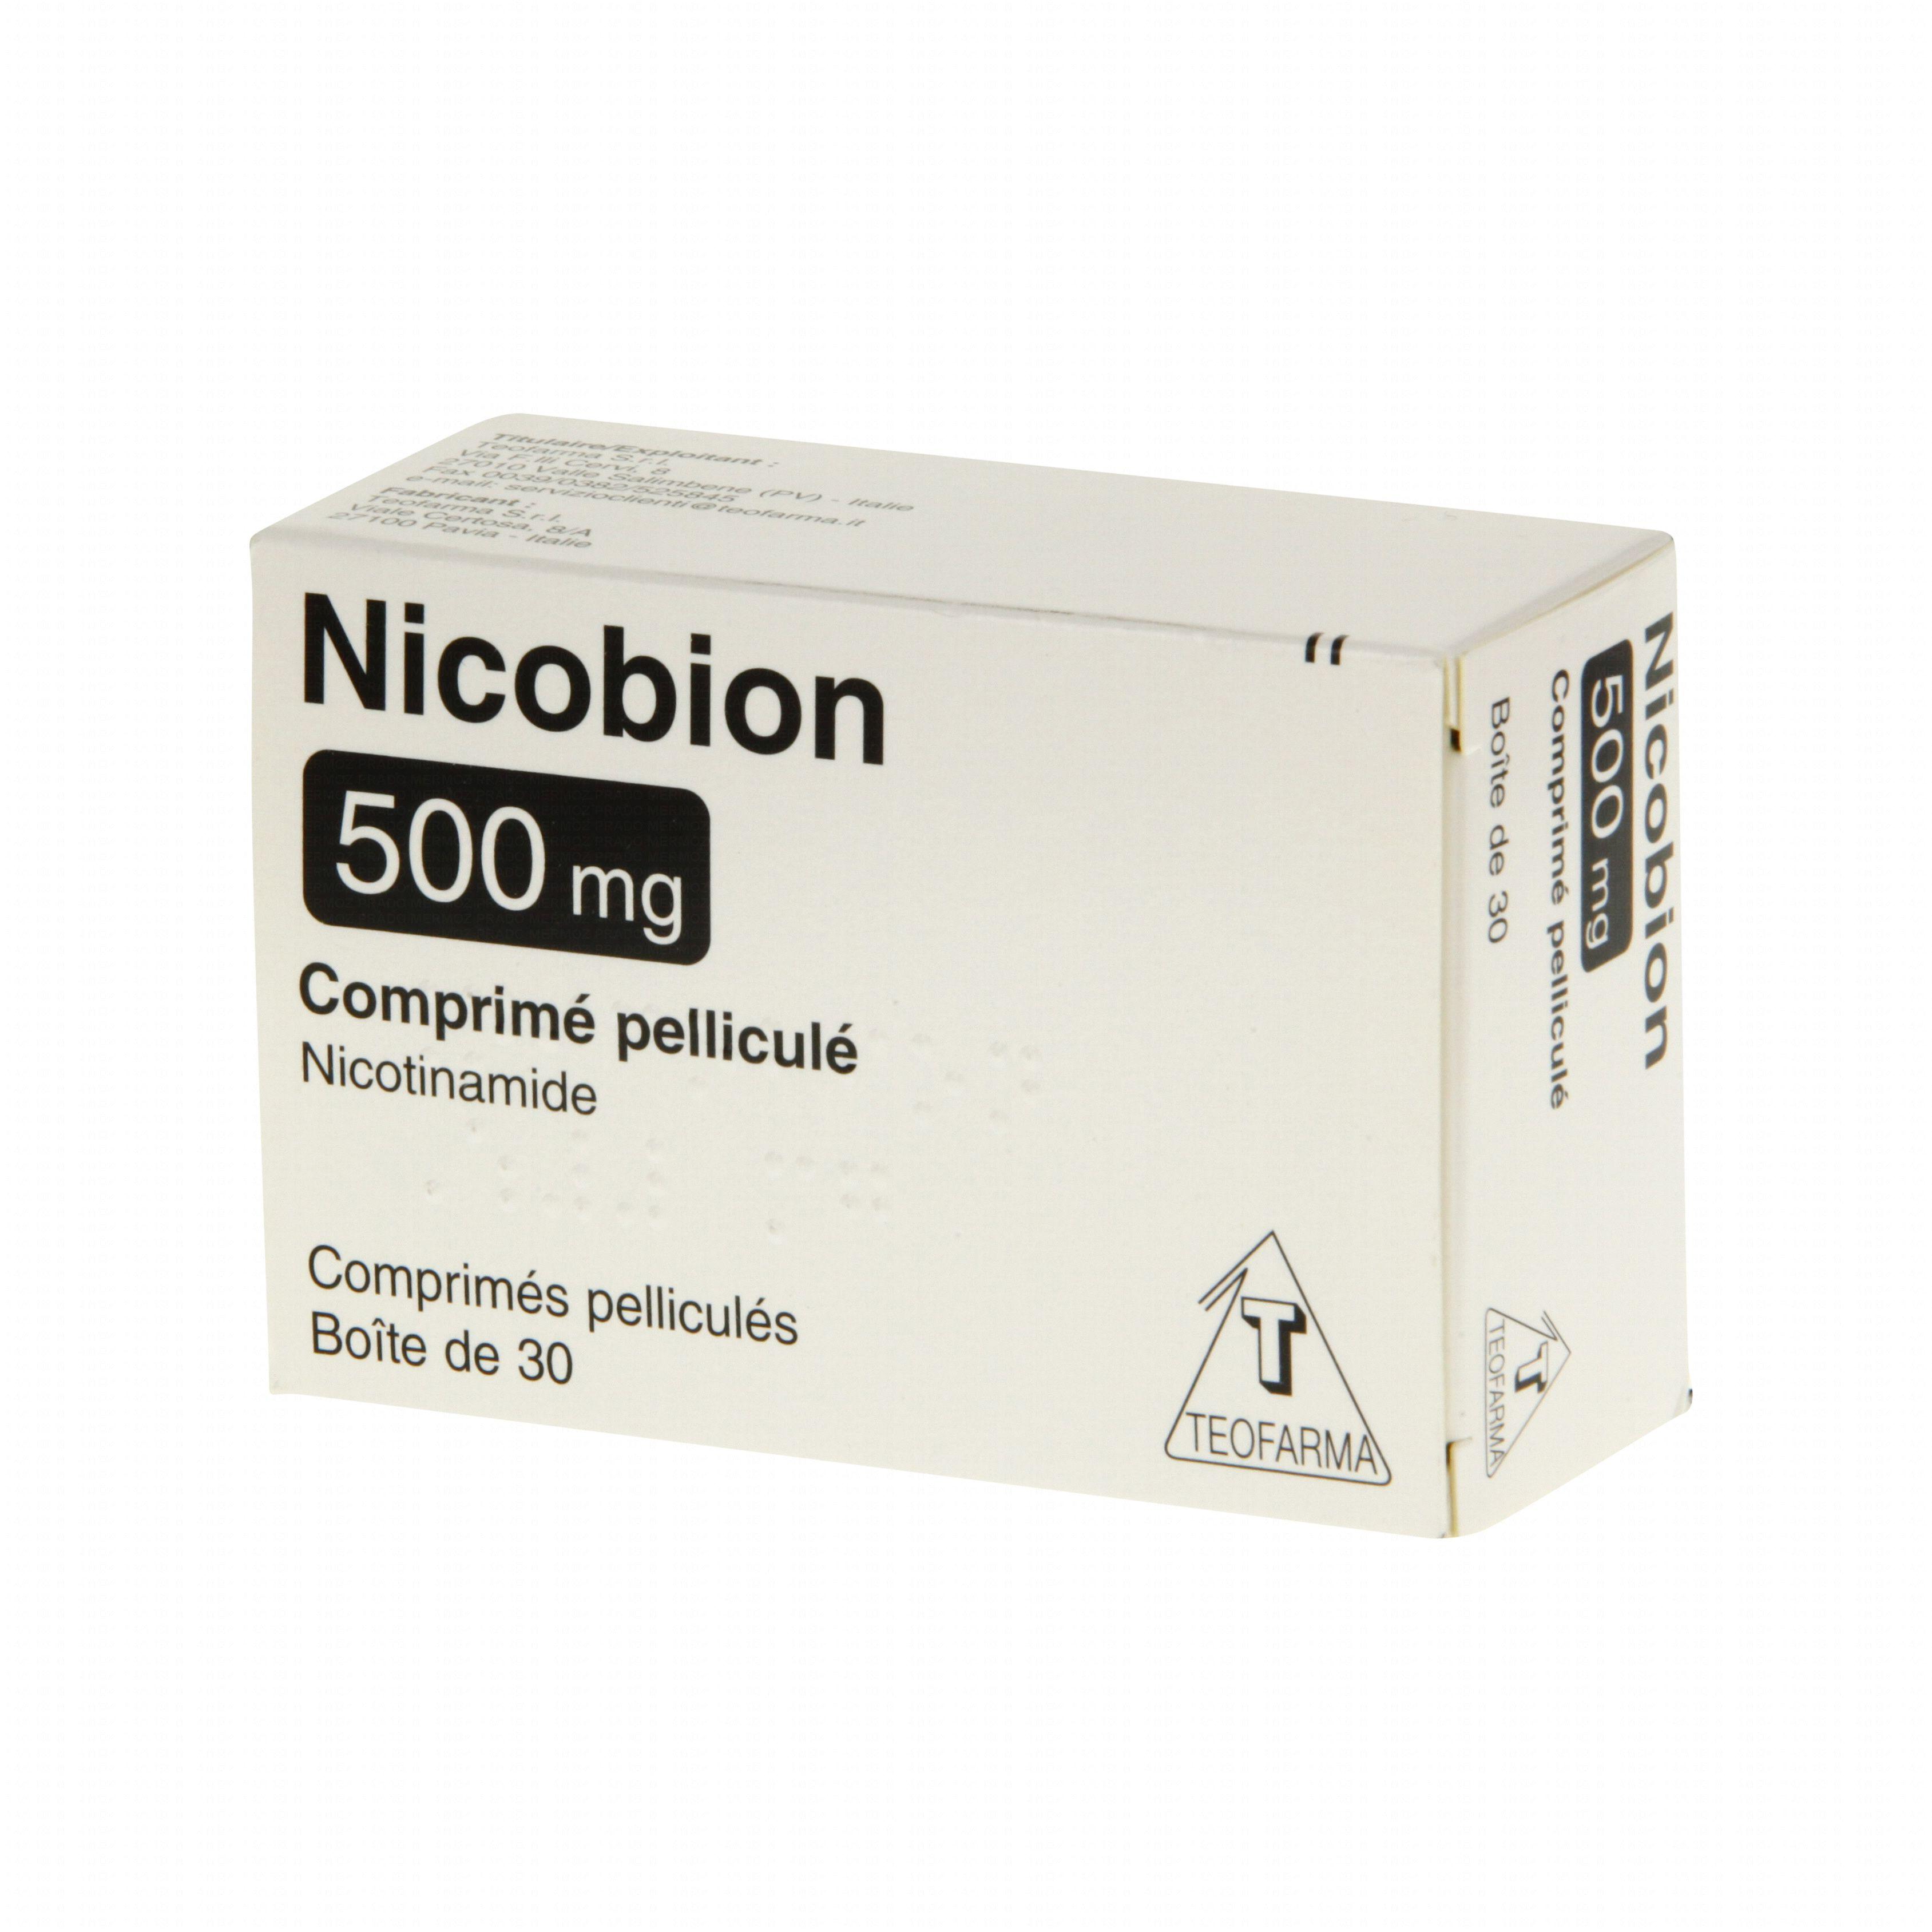 Nicobion comprimé 500 mg boîte de 30 comprimés Teofarma